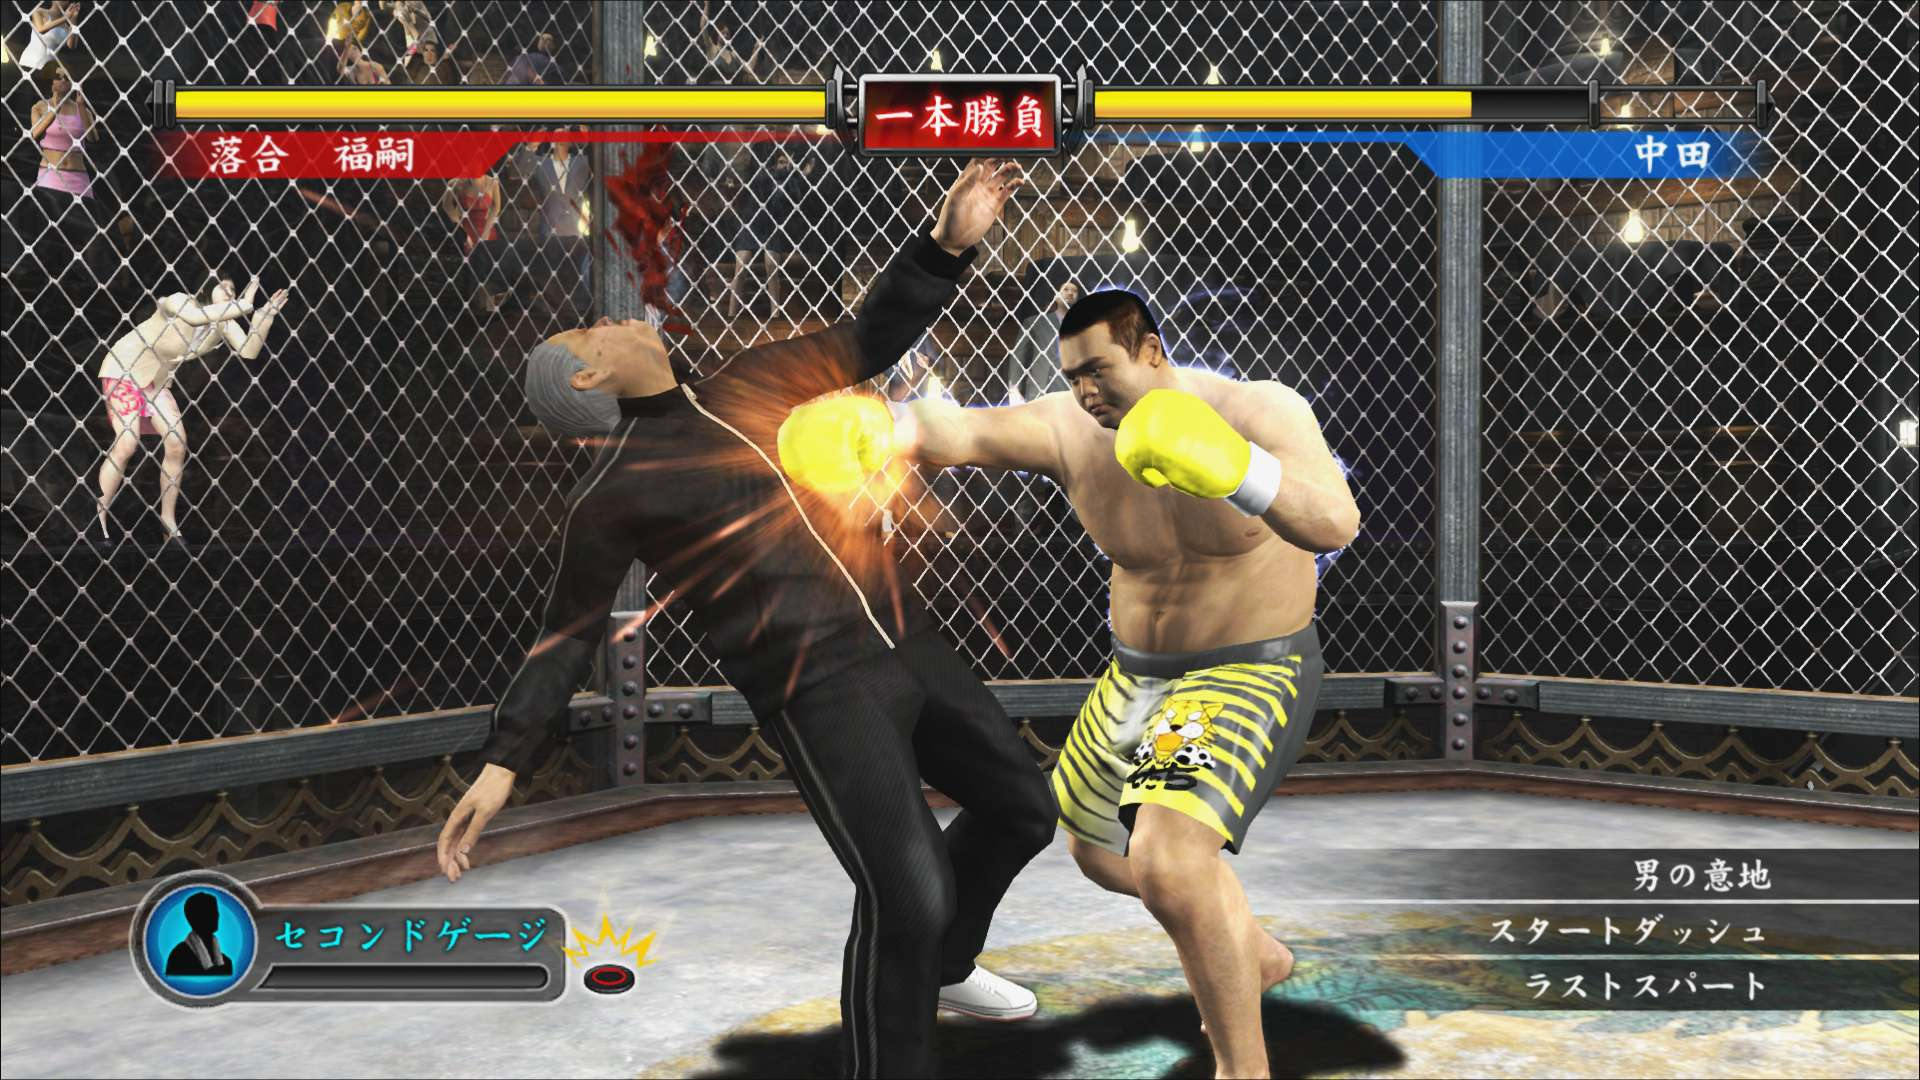 打造最强格斗家!PS4版《如龙4:传说的继承者》新格斗家育成系统